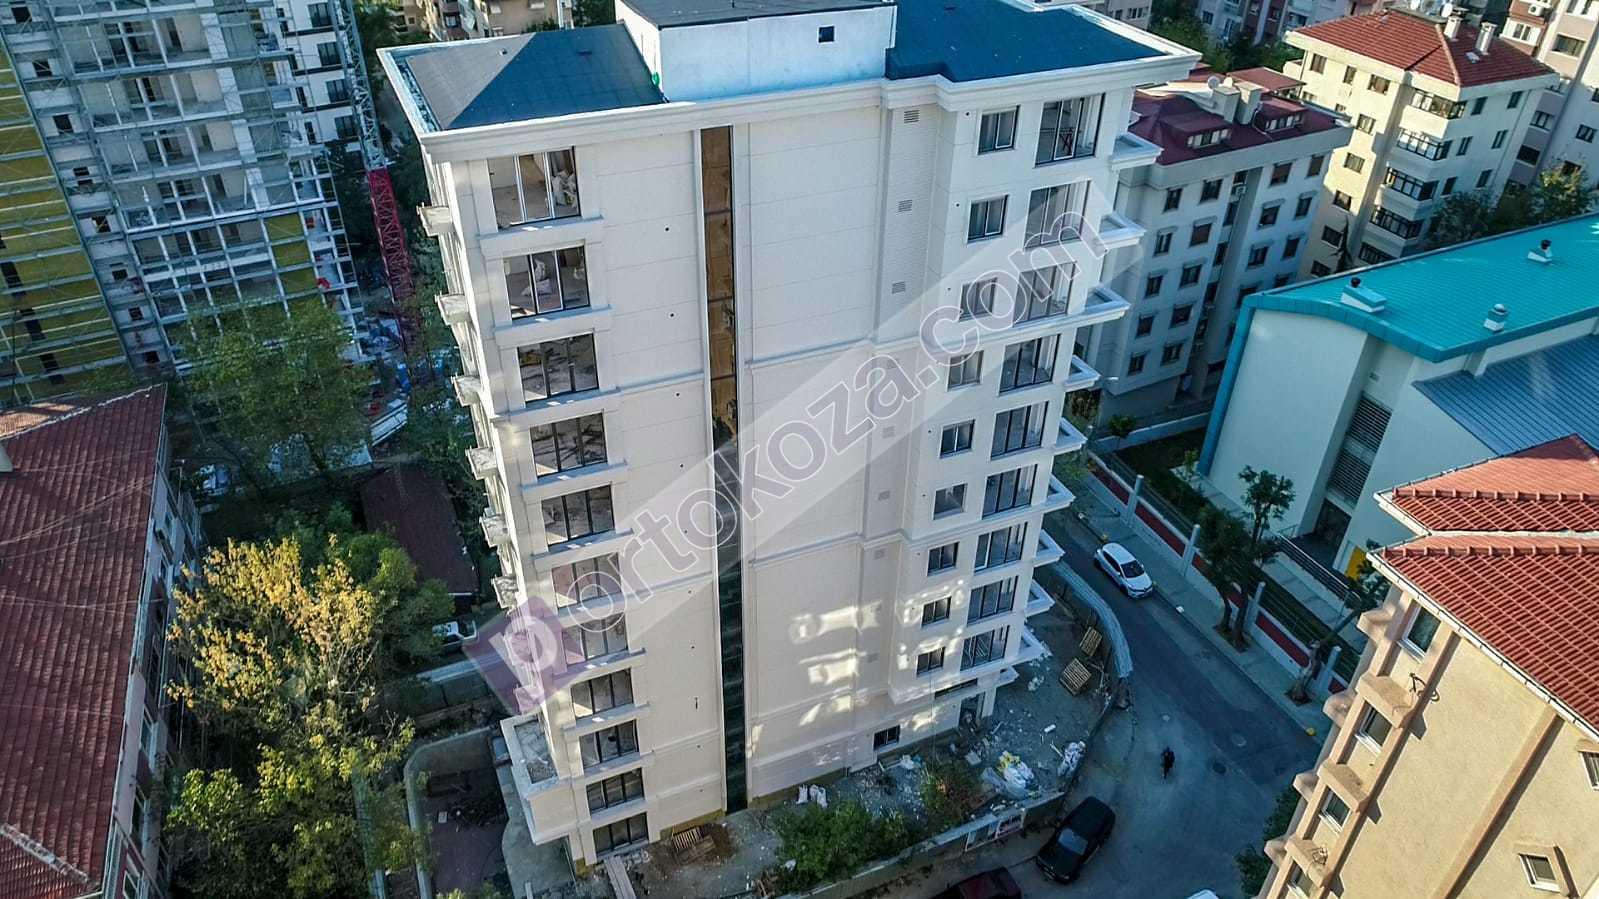 شقة للبيع  غرف 1+1 في كاديكوي